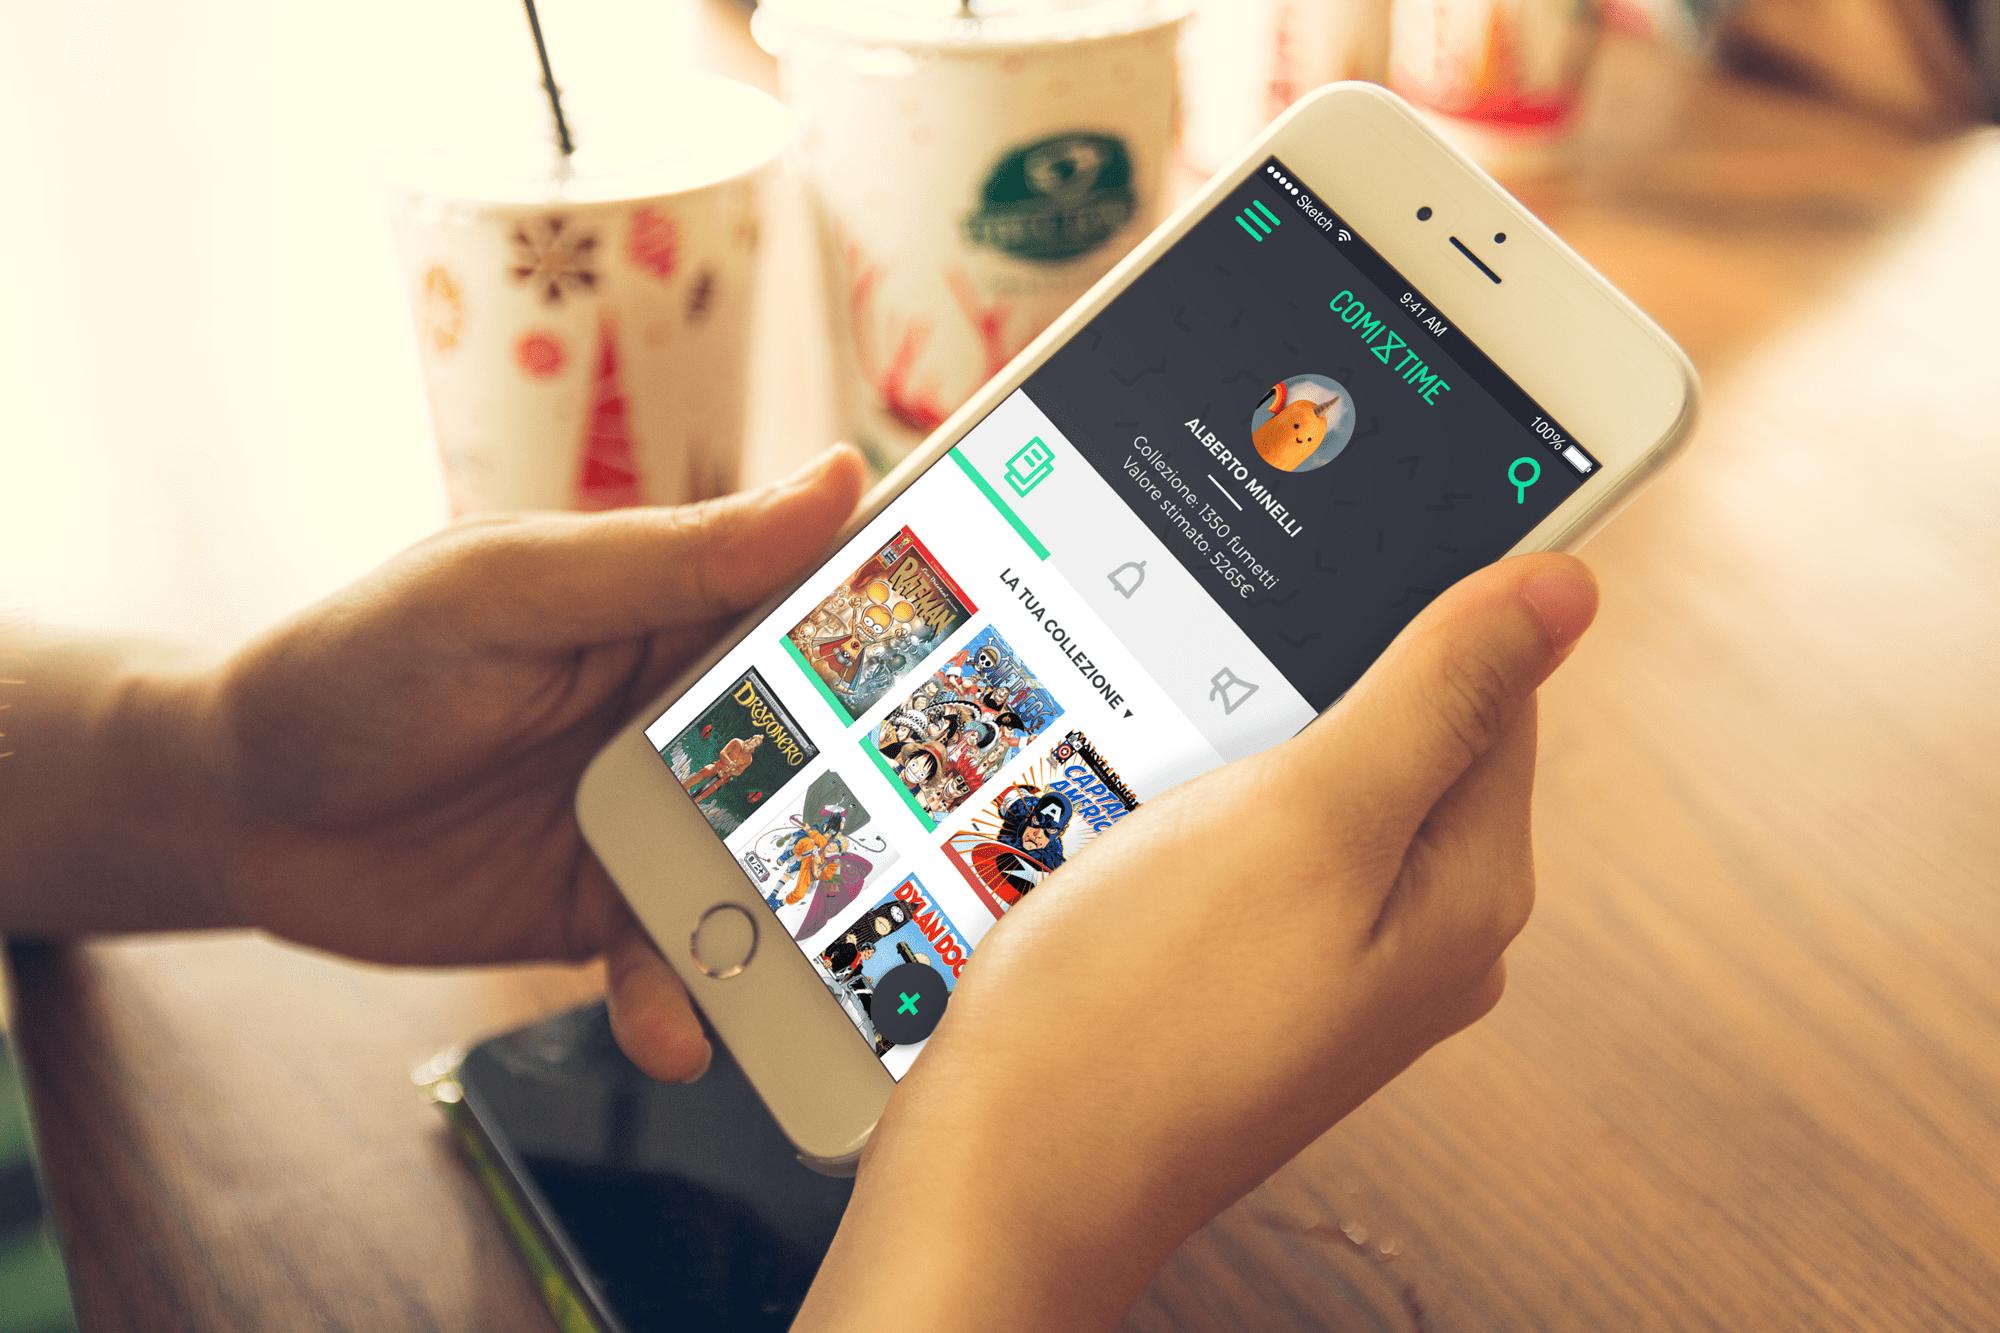 ComiXtime, l'app indispensabile per i collezionisti di fumetti